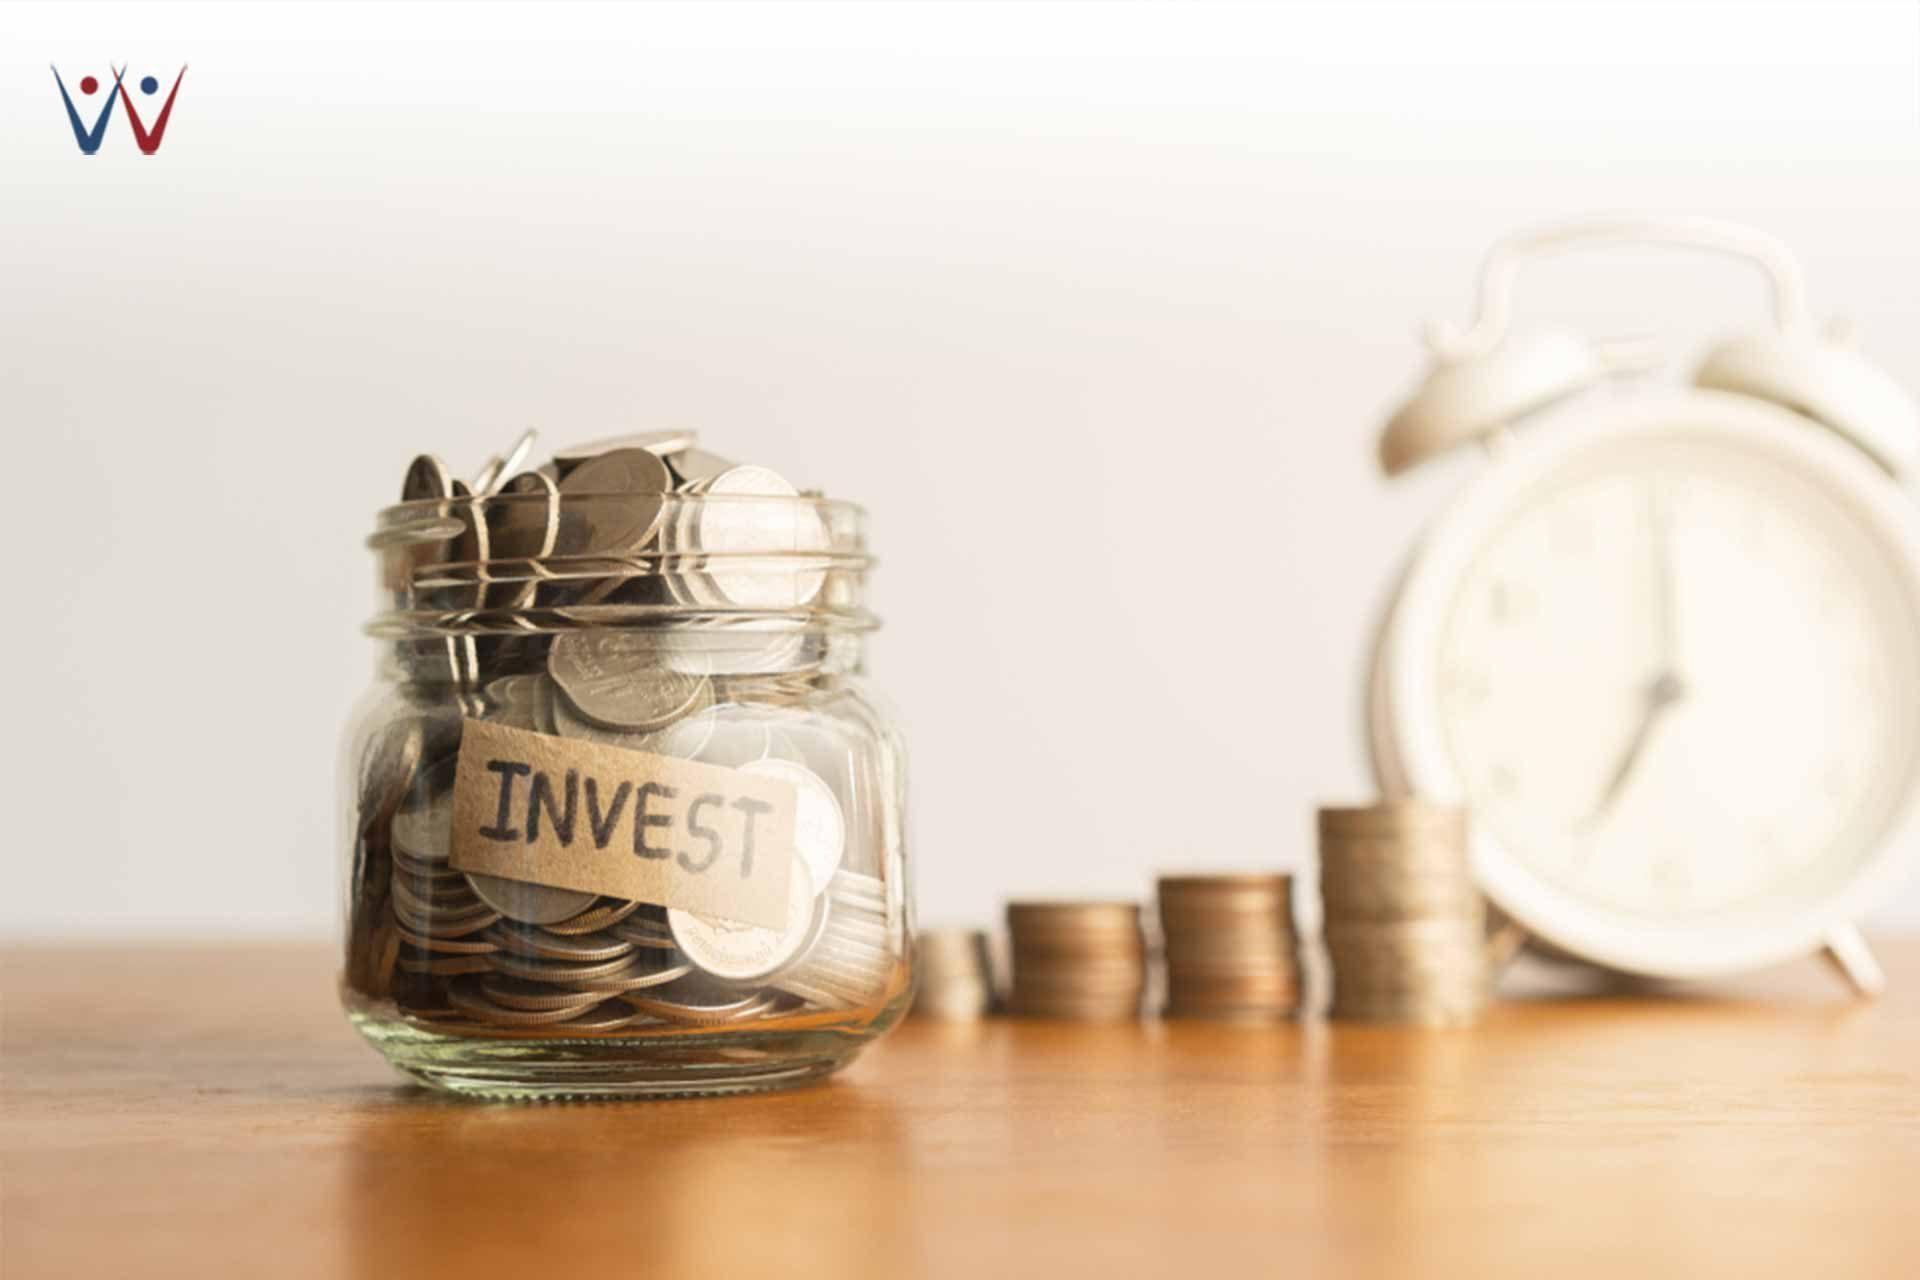 Mulai Investasi Jangka Panjang-Investasi Saham atau Reksa Dana? Ini Hal yang Perlu Anda Pertimbangkan - investasi minim risiko-SBR-menabung (1)Mulai Menabung dan Investasi-Apa itu Socially Reponsible Investment (SRI)?